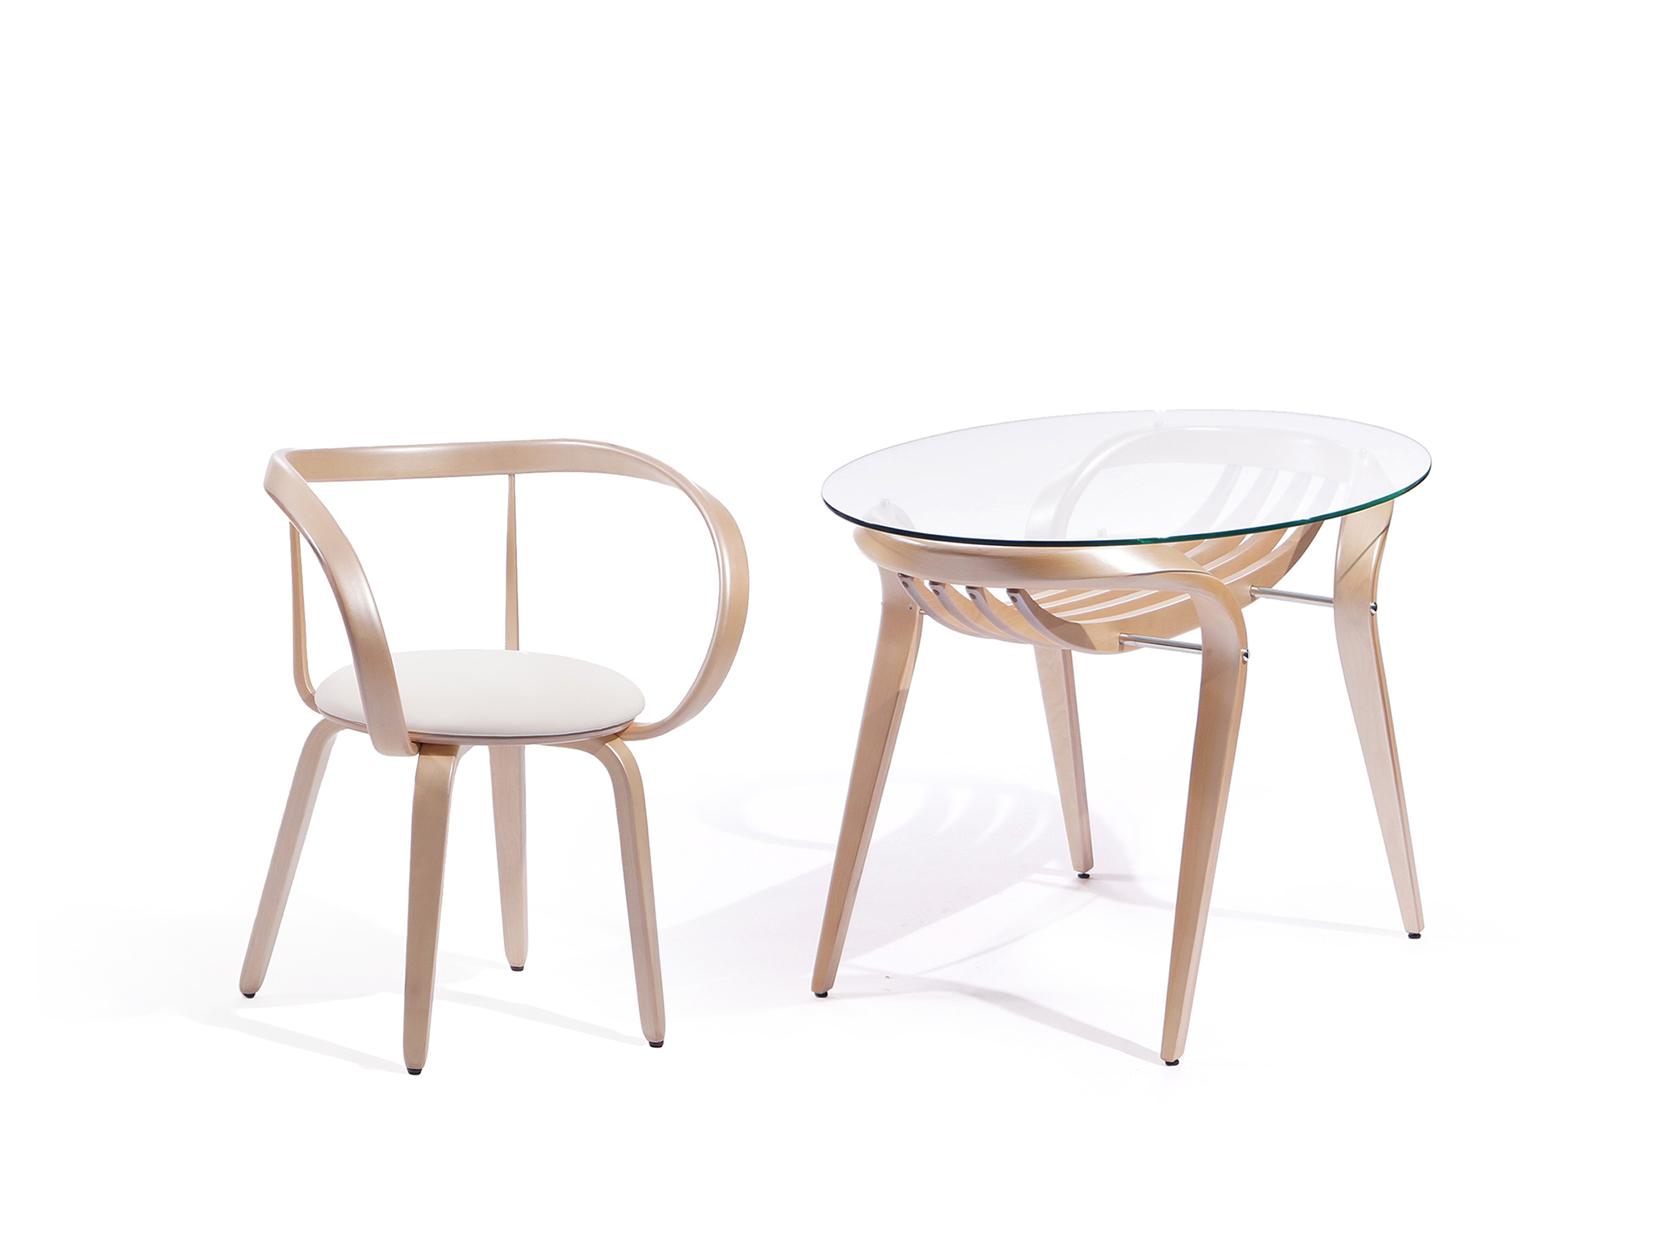 Обеденная группа Apriori (стол + 4 стула)Комплекты для столовой<br>&amp;lt;div&amp;gt;&amp;lt;div style=&amp;quot;font-size: 14px;&amp;quot;&amp;gt;Изящный лёгкий обеденный стол со стеклянной столешницей хорошо сочетается с серией стульев apriori.&amp;amp;nbsp;&amp;lt;span style=&amp;quot;font-size: 14px;&amp;quot;&amp;gt;Легкий воздушный стул из натурального гнутого дерева. При сохранении визуальной легкости стул остается прочным и удобным.&amp;amp;nbsp;&amp;lt;/span&amp;gt;&amp;lt;/div&amp;gt;&amp;lt;div style=&amp;quot;font-size: 14px;&amp;quot;&amp;gt;&amp;lt;br&amp;gt;&amp;lt;/div&amp;gt;&amp;lt;div&amp;gt;&amp;lt;span style=&amp;quot;font-size: 14px;&amp;quot;&amp;gt;Размеры стола:&amp;lt;/span&amp;gt;&amp;lt;span style=&amp;quot;font-size: 14px;&amp;quot;&amp;gt;&amp;amp;nbsp;120/75/80&amp;lt;/span&amp;gt;&amp;lt;br&amp;gt;&amp;lt;/div&amp;gt;&amp;lt;div style=&amp;quot;font-size: 14px;&amp;quot;&amp;gt;Материал стола: береза.&amp;lt;/div&amp;gt;&amp;lt;div style=&amp;quot;font-size: 14px;&amp;quot;&amp;gt;&amp;lt;span style=&amp;quot;font-size: 14px;&amp;quot;&amp;gt;Возможные размеры столешниц 120х80см ,140х90 см.&amp;amp;nbsp;&amp;lt;/span&amp;gt;&amp;lt;/div&amp;gt;&amp;lt;/div&amp;gt;&amp;lt;div style=&amp;quot;font-size: 14px;&amp;quot;&amp;gt;Размеры стула:&amp;amp;nbsp;&amp;lt;span style=&amp;quot;font-size: 14px;&amp;quot;&amp;gt;50/75/58&amp;lt;/span&amp;gt;&amp;lt;/div&amp;gt;&amp;lt;div style=&amp;quot;font-size: 14px;&amp;quot;&amp;gt;&amp;lt;div style=&amp;quot;font-size: 14px;&amp;quot;&amp;gt;&amp;lt;div&amp;gt;&amp;lt;div style=&amp;quot;font-size: 14px;&amp;quot;&amp;gt;&amp;lt;span style=&amp;quot;font-size: 14px;&amp;quot;&amp;gt;Материал стула: береза.&amp;lt;/span&amp;gt;&amp;lt;/div&amp;gt;&amp;lt;div style=&amp;quot;font-size: 14px;&amp;quot;&amp;gt;Обивка: Арпатек.&amp;lt;/div&amp;gt;&amp;lt;/div&amp;gt;&amp;lt;div&amp;gt;&amp;lt;br&amp;gt;&amp;lt;/div&amp;gt;&amp;lt;/div&amp;gt;&amp;lt;/div&amp;gt;<br><br>Material: Береза<br>Width см